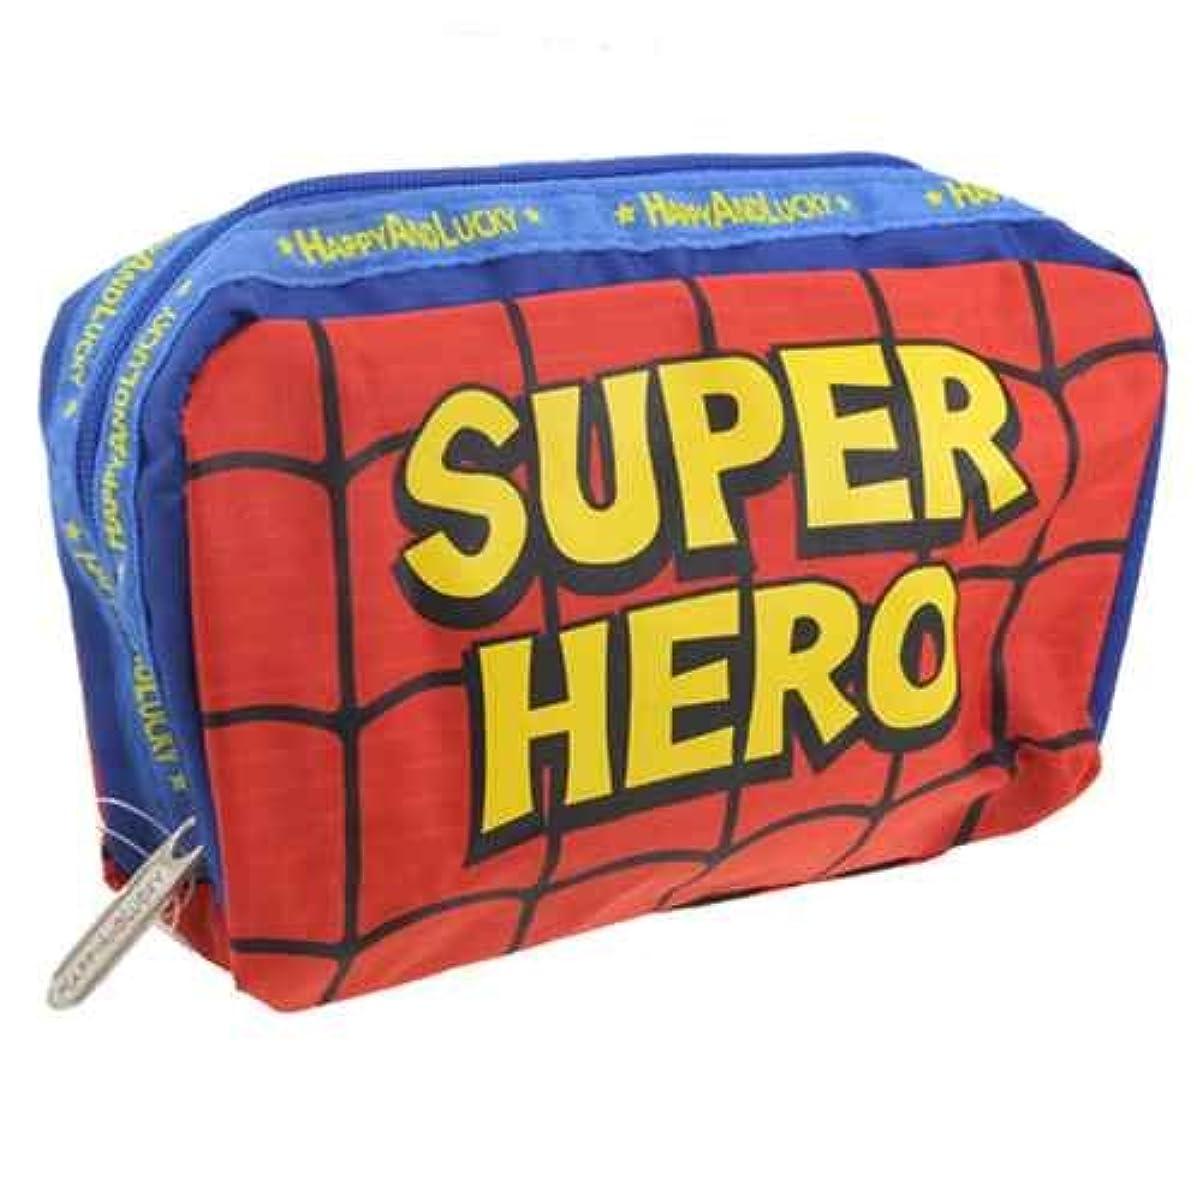 かすれた幅同意SUPER HERO/スーパーヒーロー スクエアポーチ可愛いコスメポーチ(小物入れ)通販/